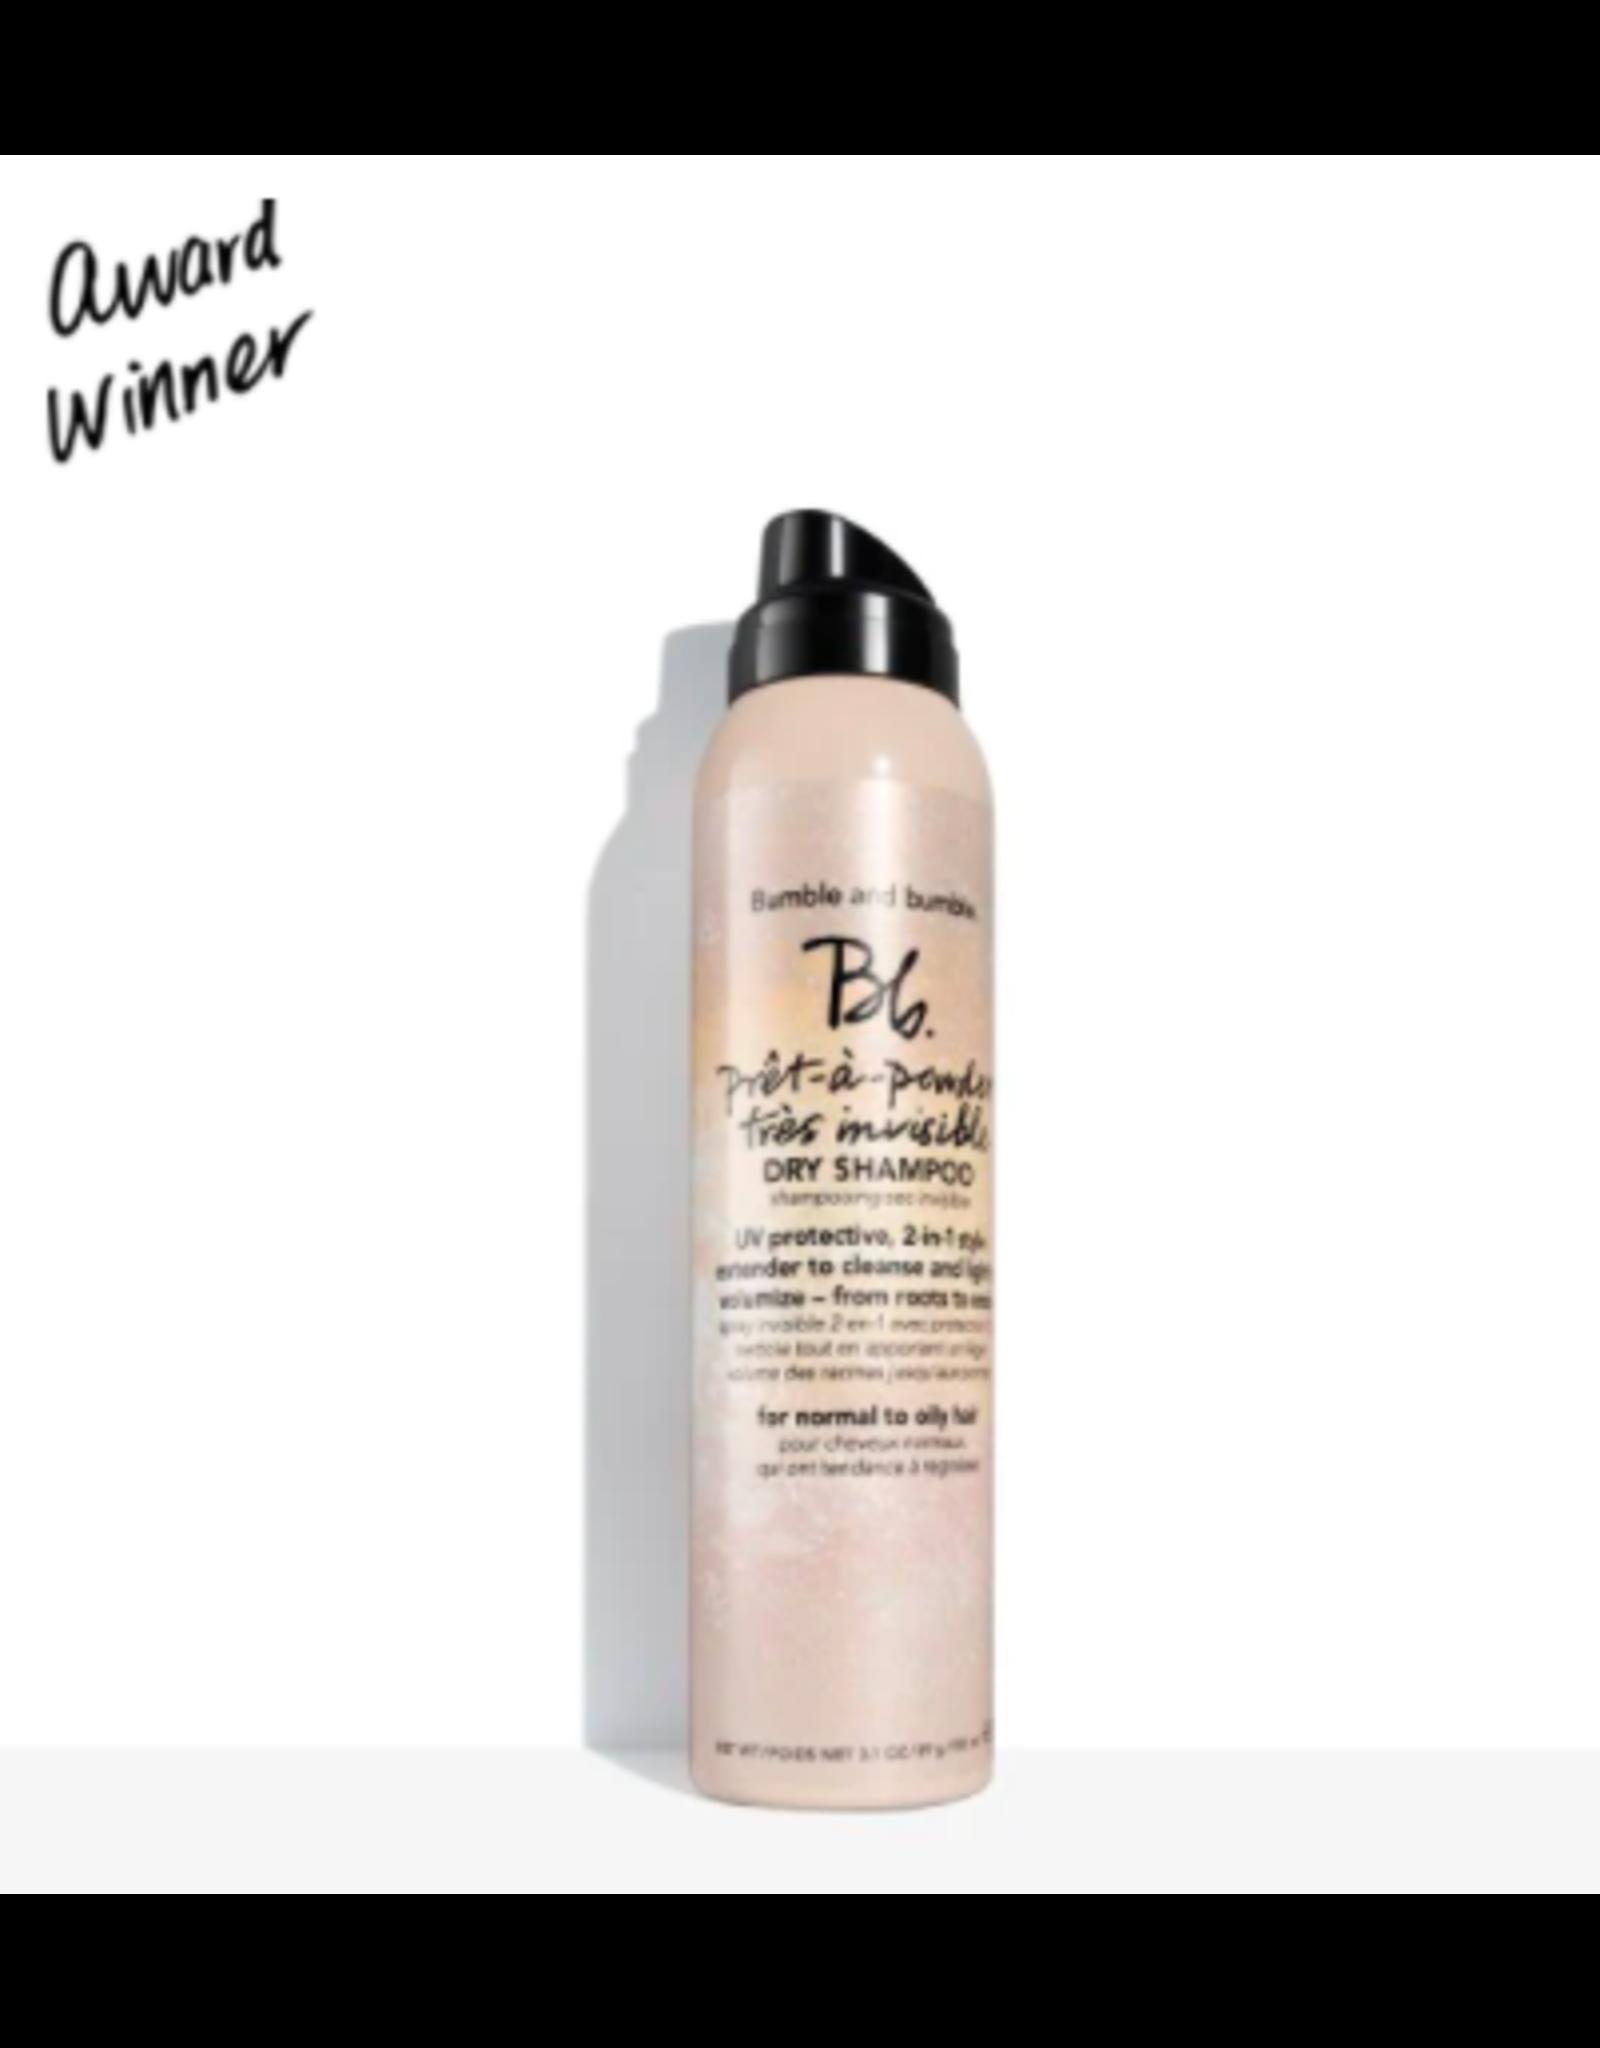 Bb Prêt-à-Powder Très Invisible Dry Shampoo 3.1 oz